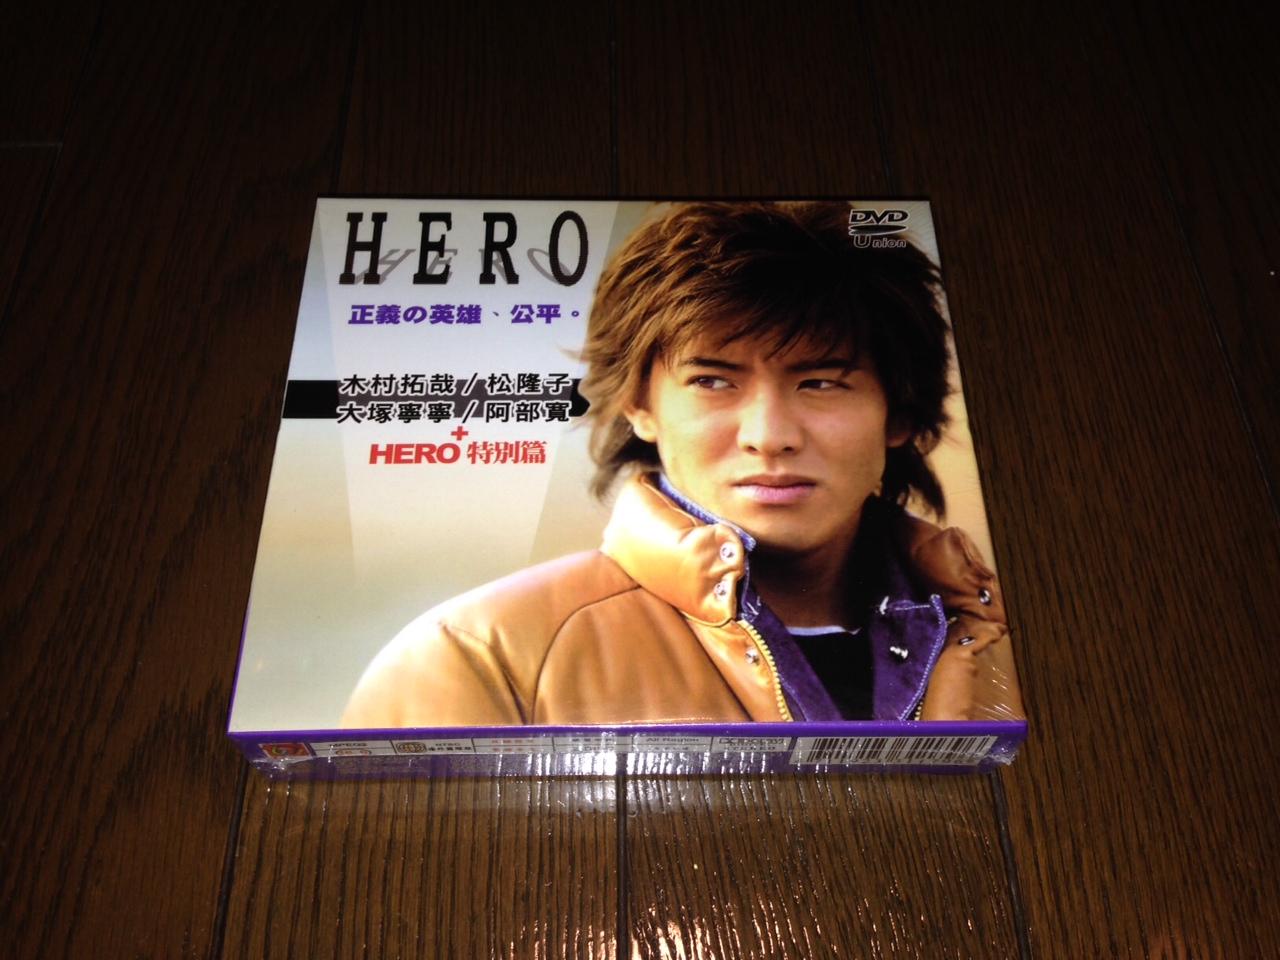 HERO (テレビドラマ)の画像 p1_33